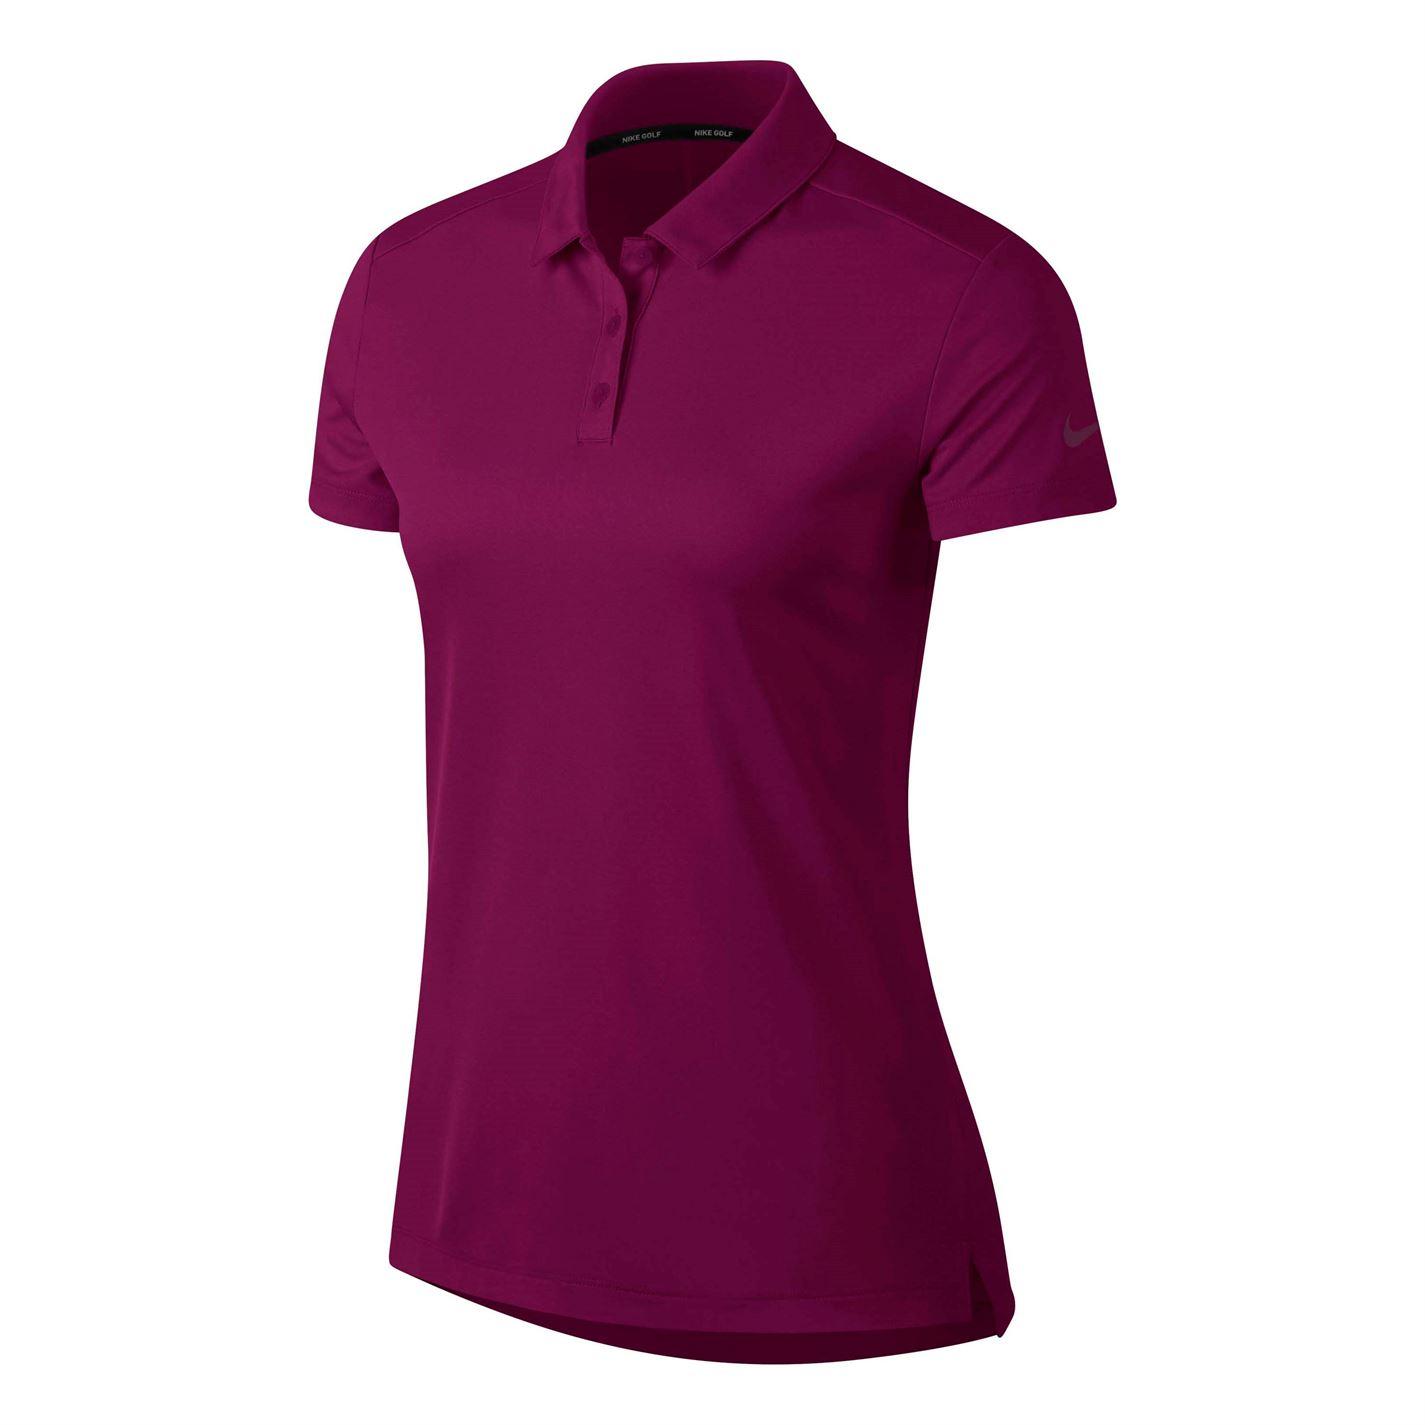 Haine golf pentru femei